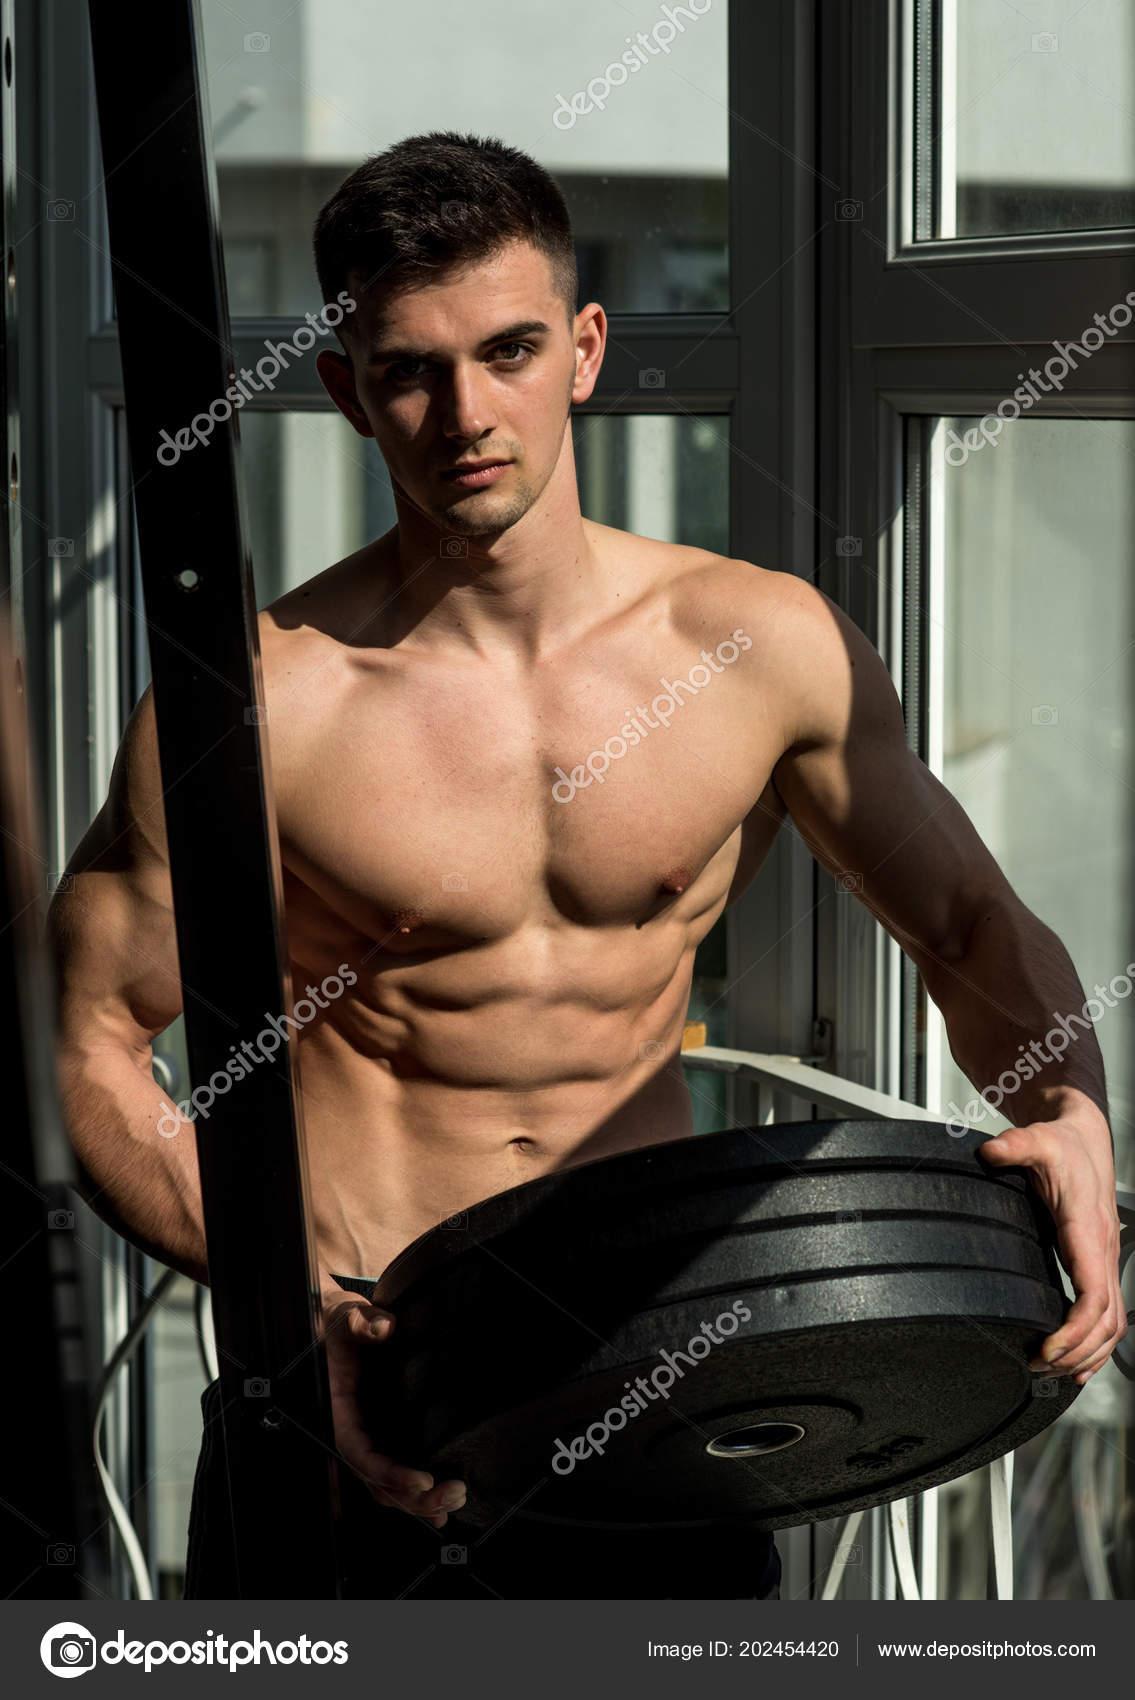 Nudism Fitness Gympurenudism Pool Sauna Spanudist Contest-4700